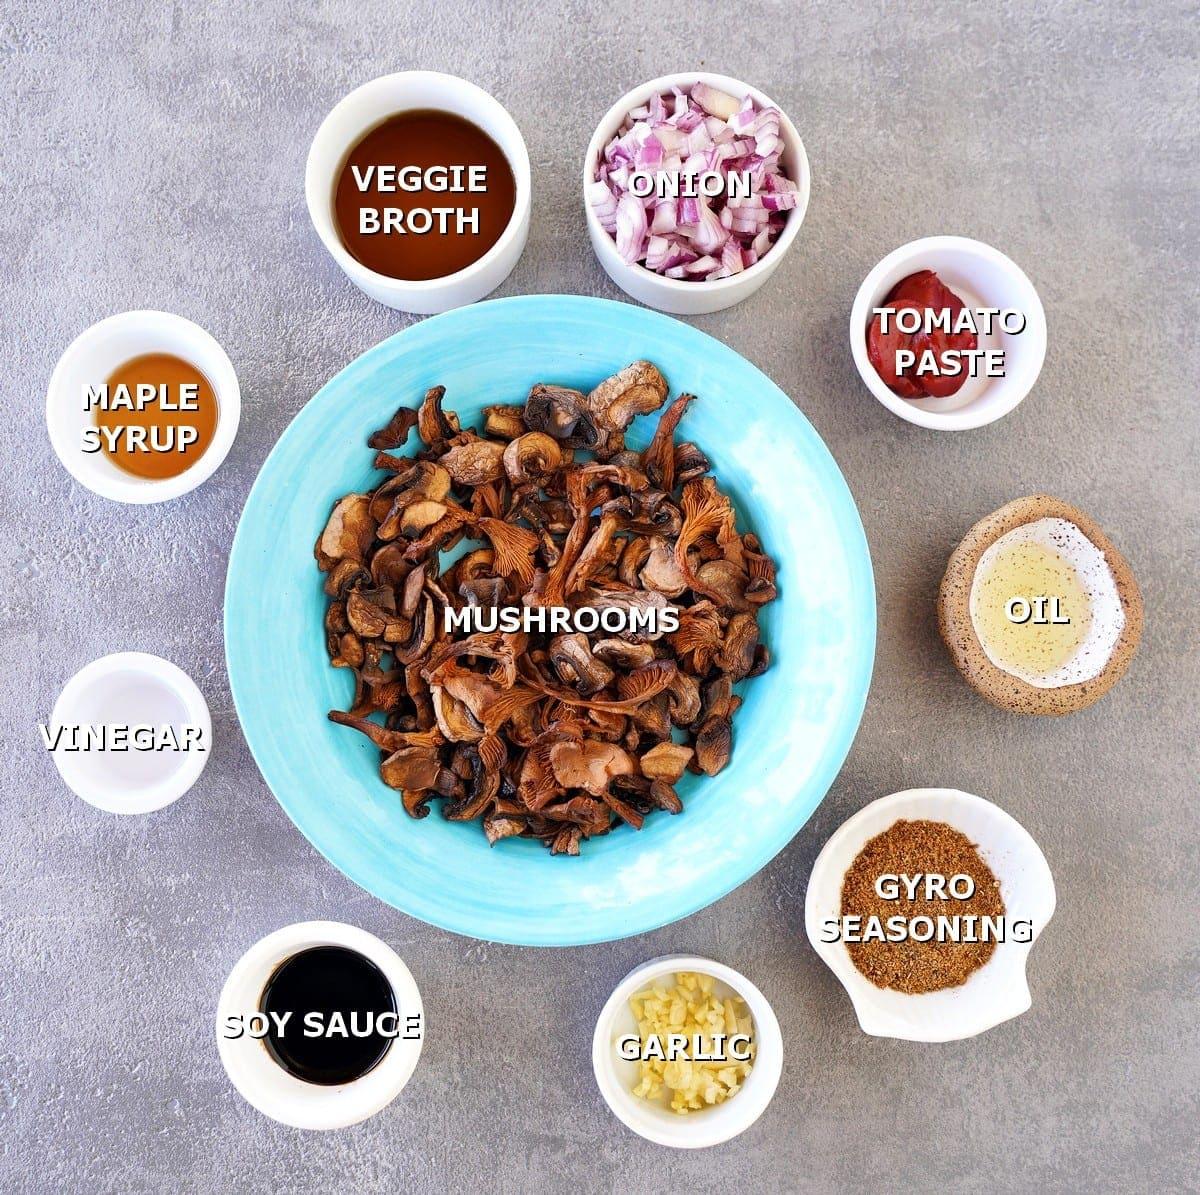 ingredients for vegetarian gyro